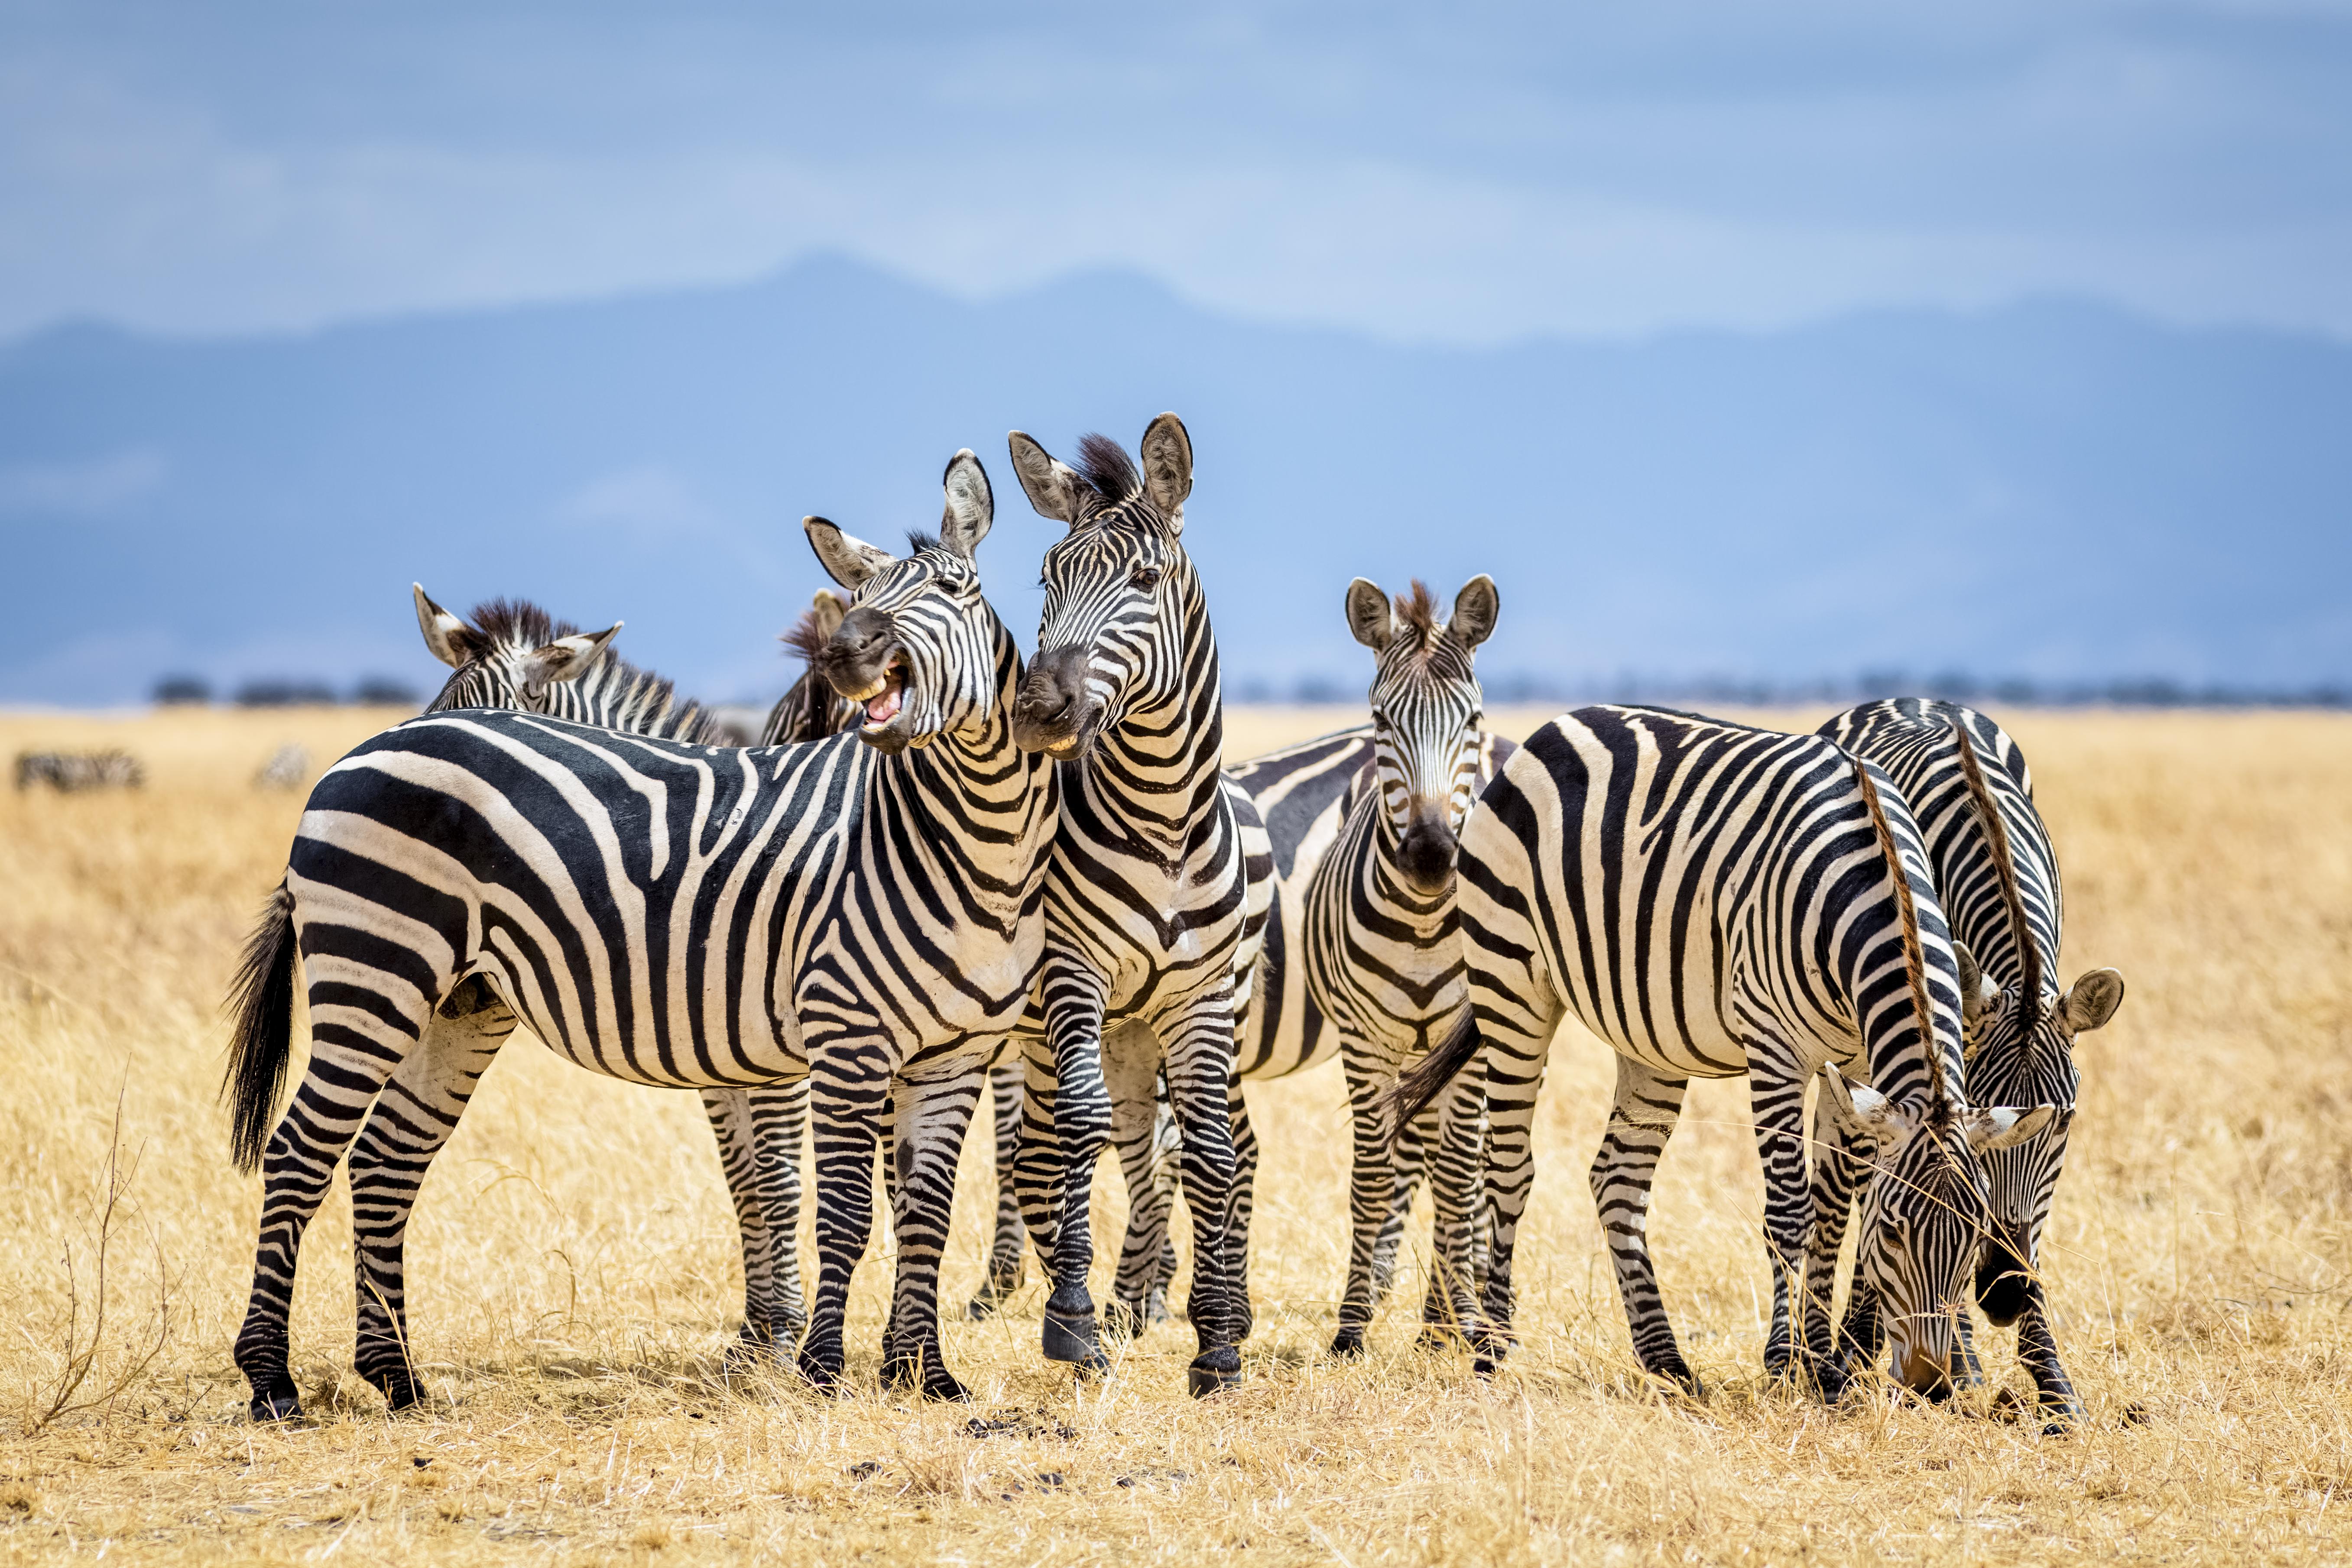 <p><strong>Зебра</strong></p>  <p>В света има три различни вида зебри - обикновена зебра, планинска зебра и т.нар. зебра на Гревѝ. В зависимост от вида, периодът на бременност може да варира. Обикновено той продължава между 10 и 12 месеца.</p>